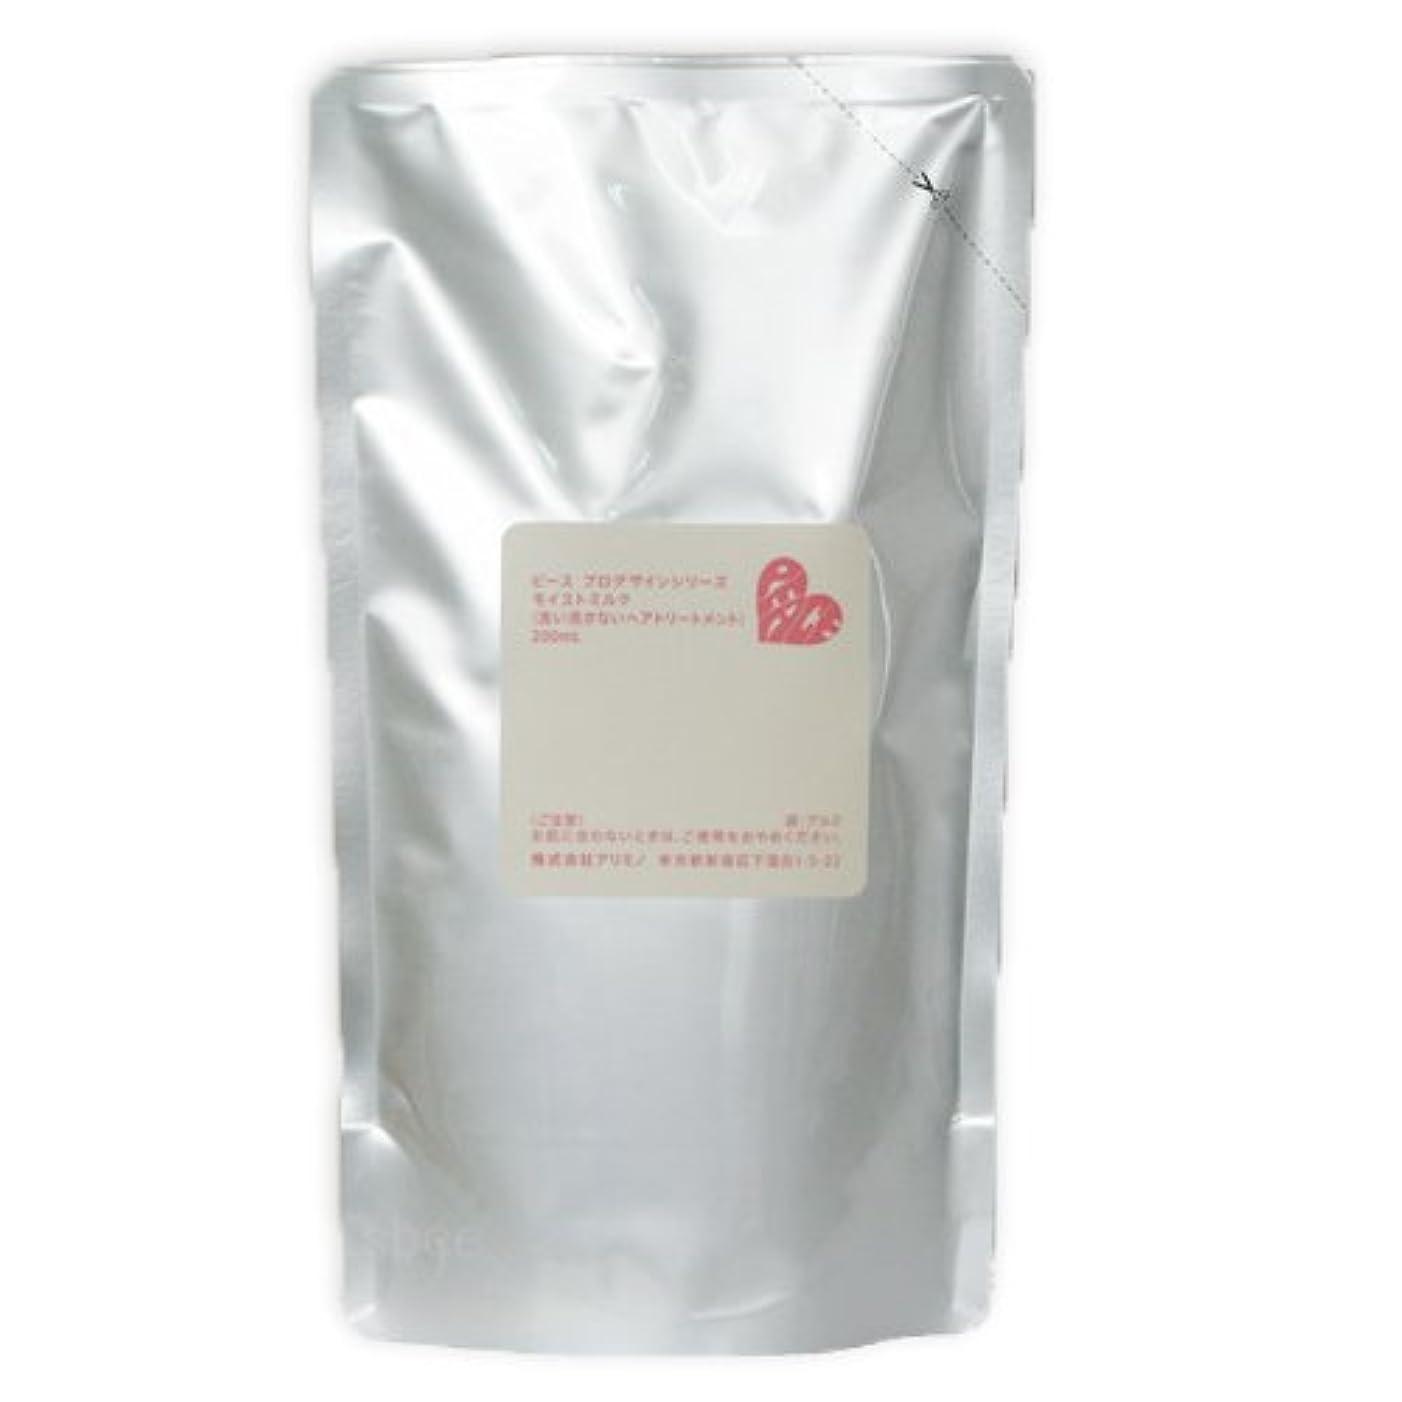 微弱帳面変形するアリミノ ピース モイストミルク バニラ 200mL 詰め替え リフィル